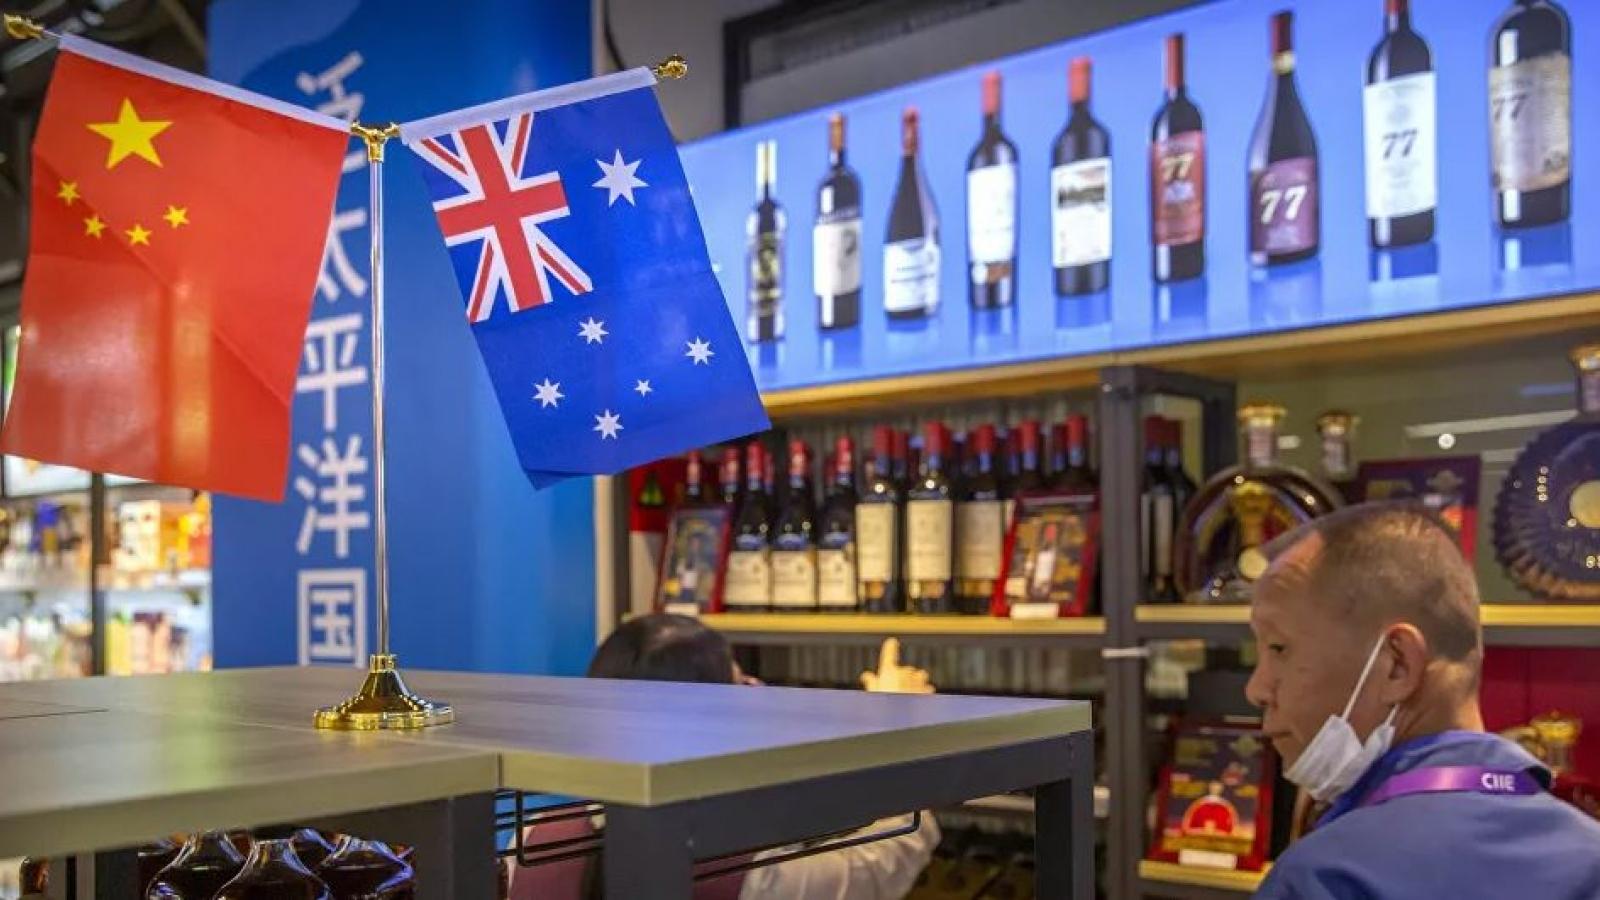 Australia phản ứng khi Trung Quốc dừng vô thời hạn trao đổi kinh tế